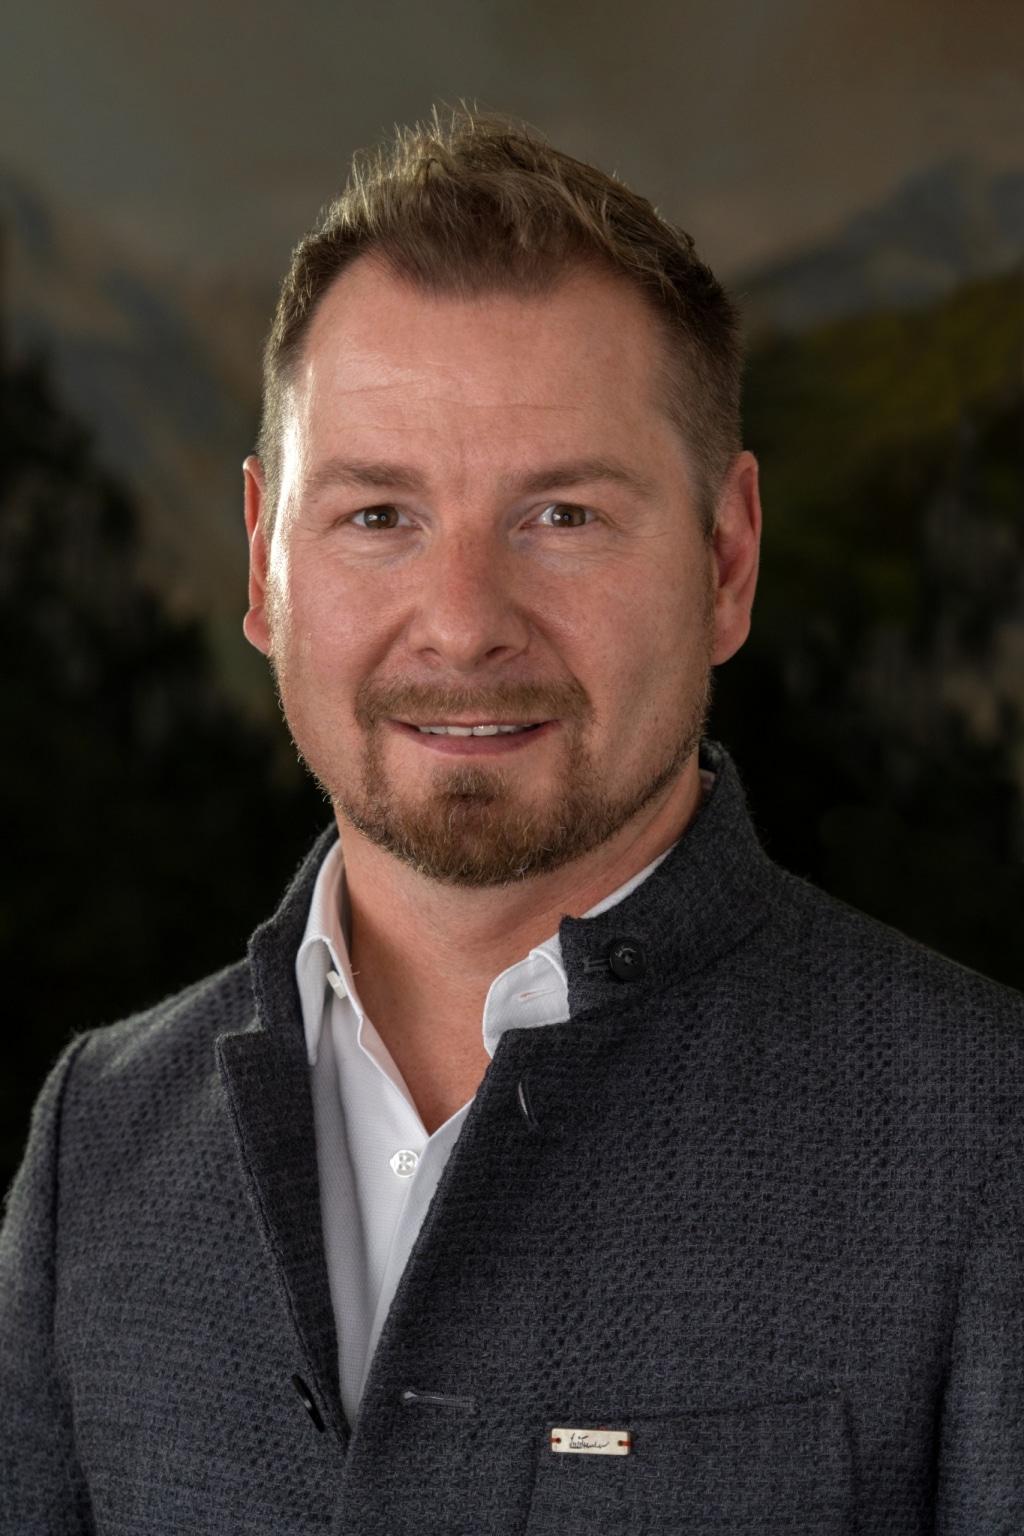 Bernhard Gosch, Hoteldirektor im Hotel Schrofenstein in Landeck